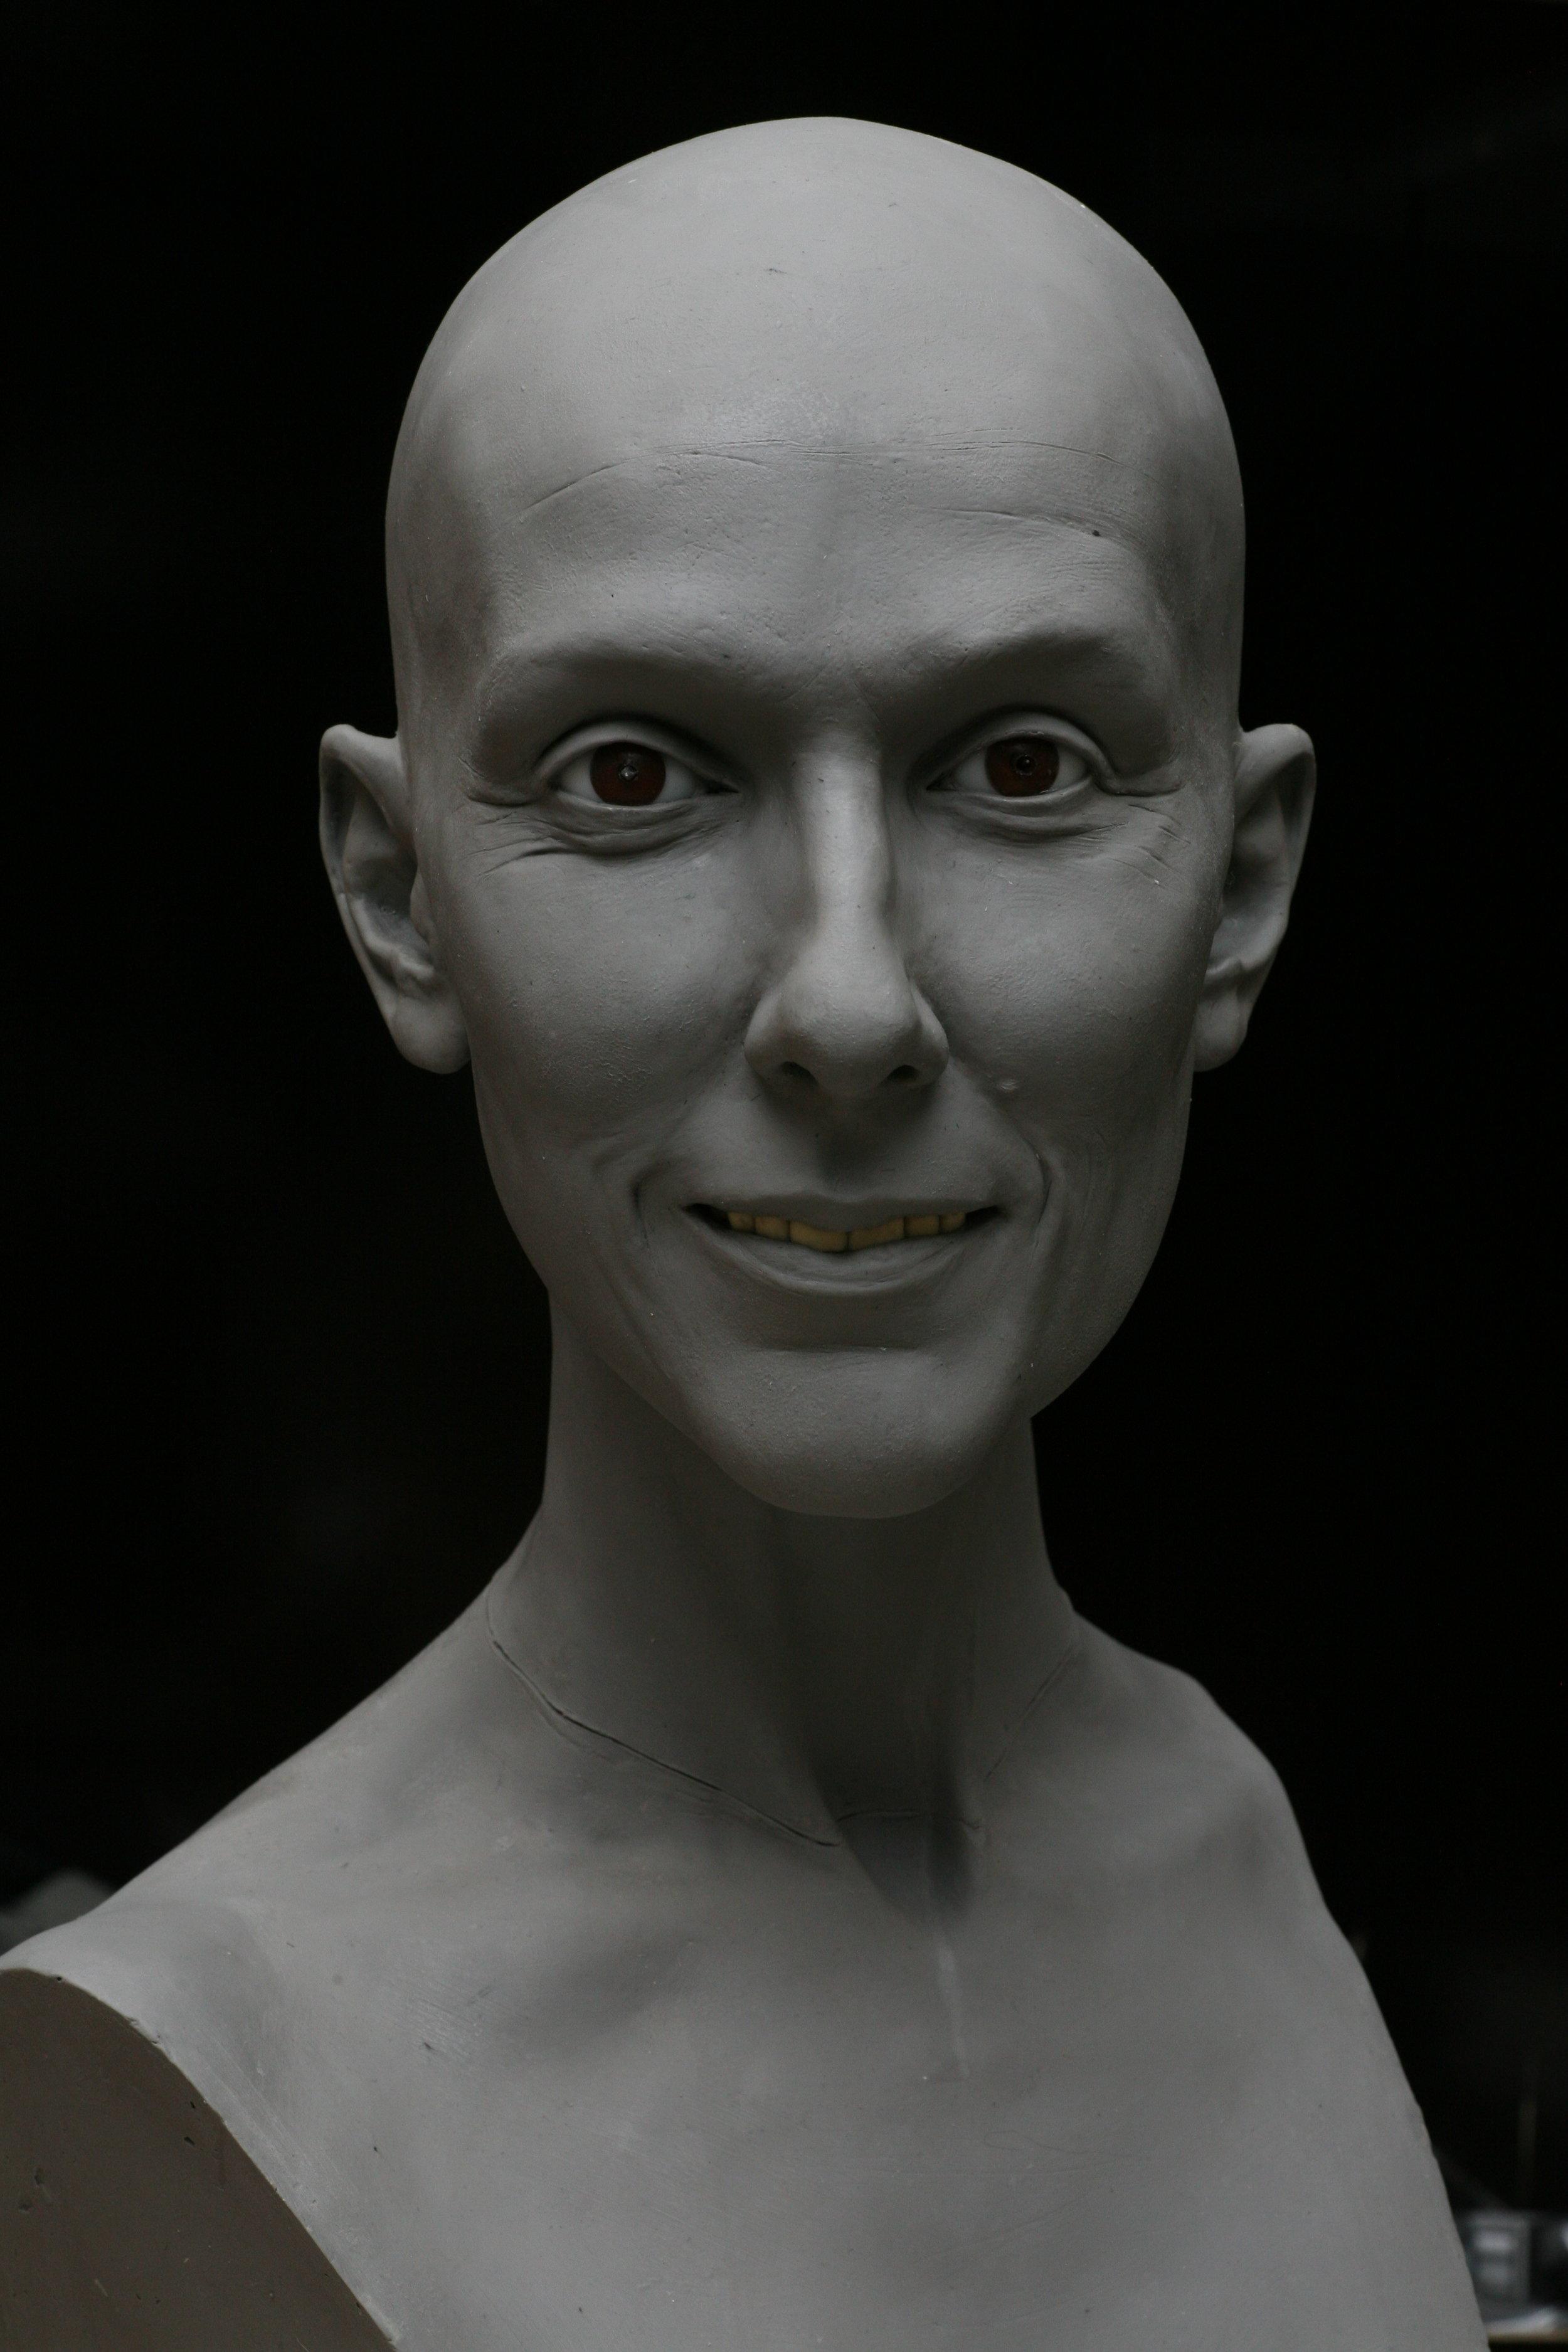 Celine Dion - Sculpture en terre par Eric Saint Chaffray - Credit Musée Grévin